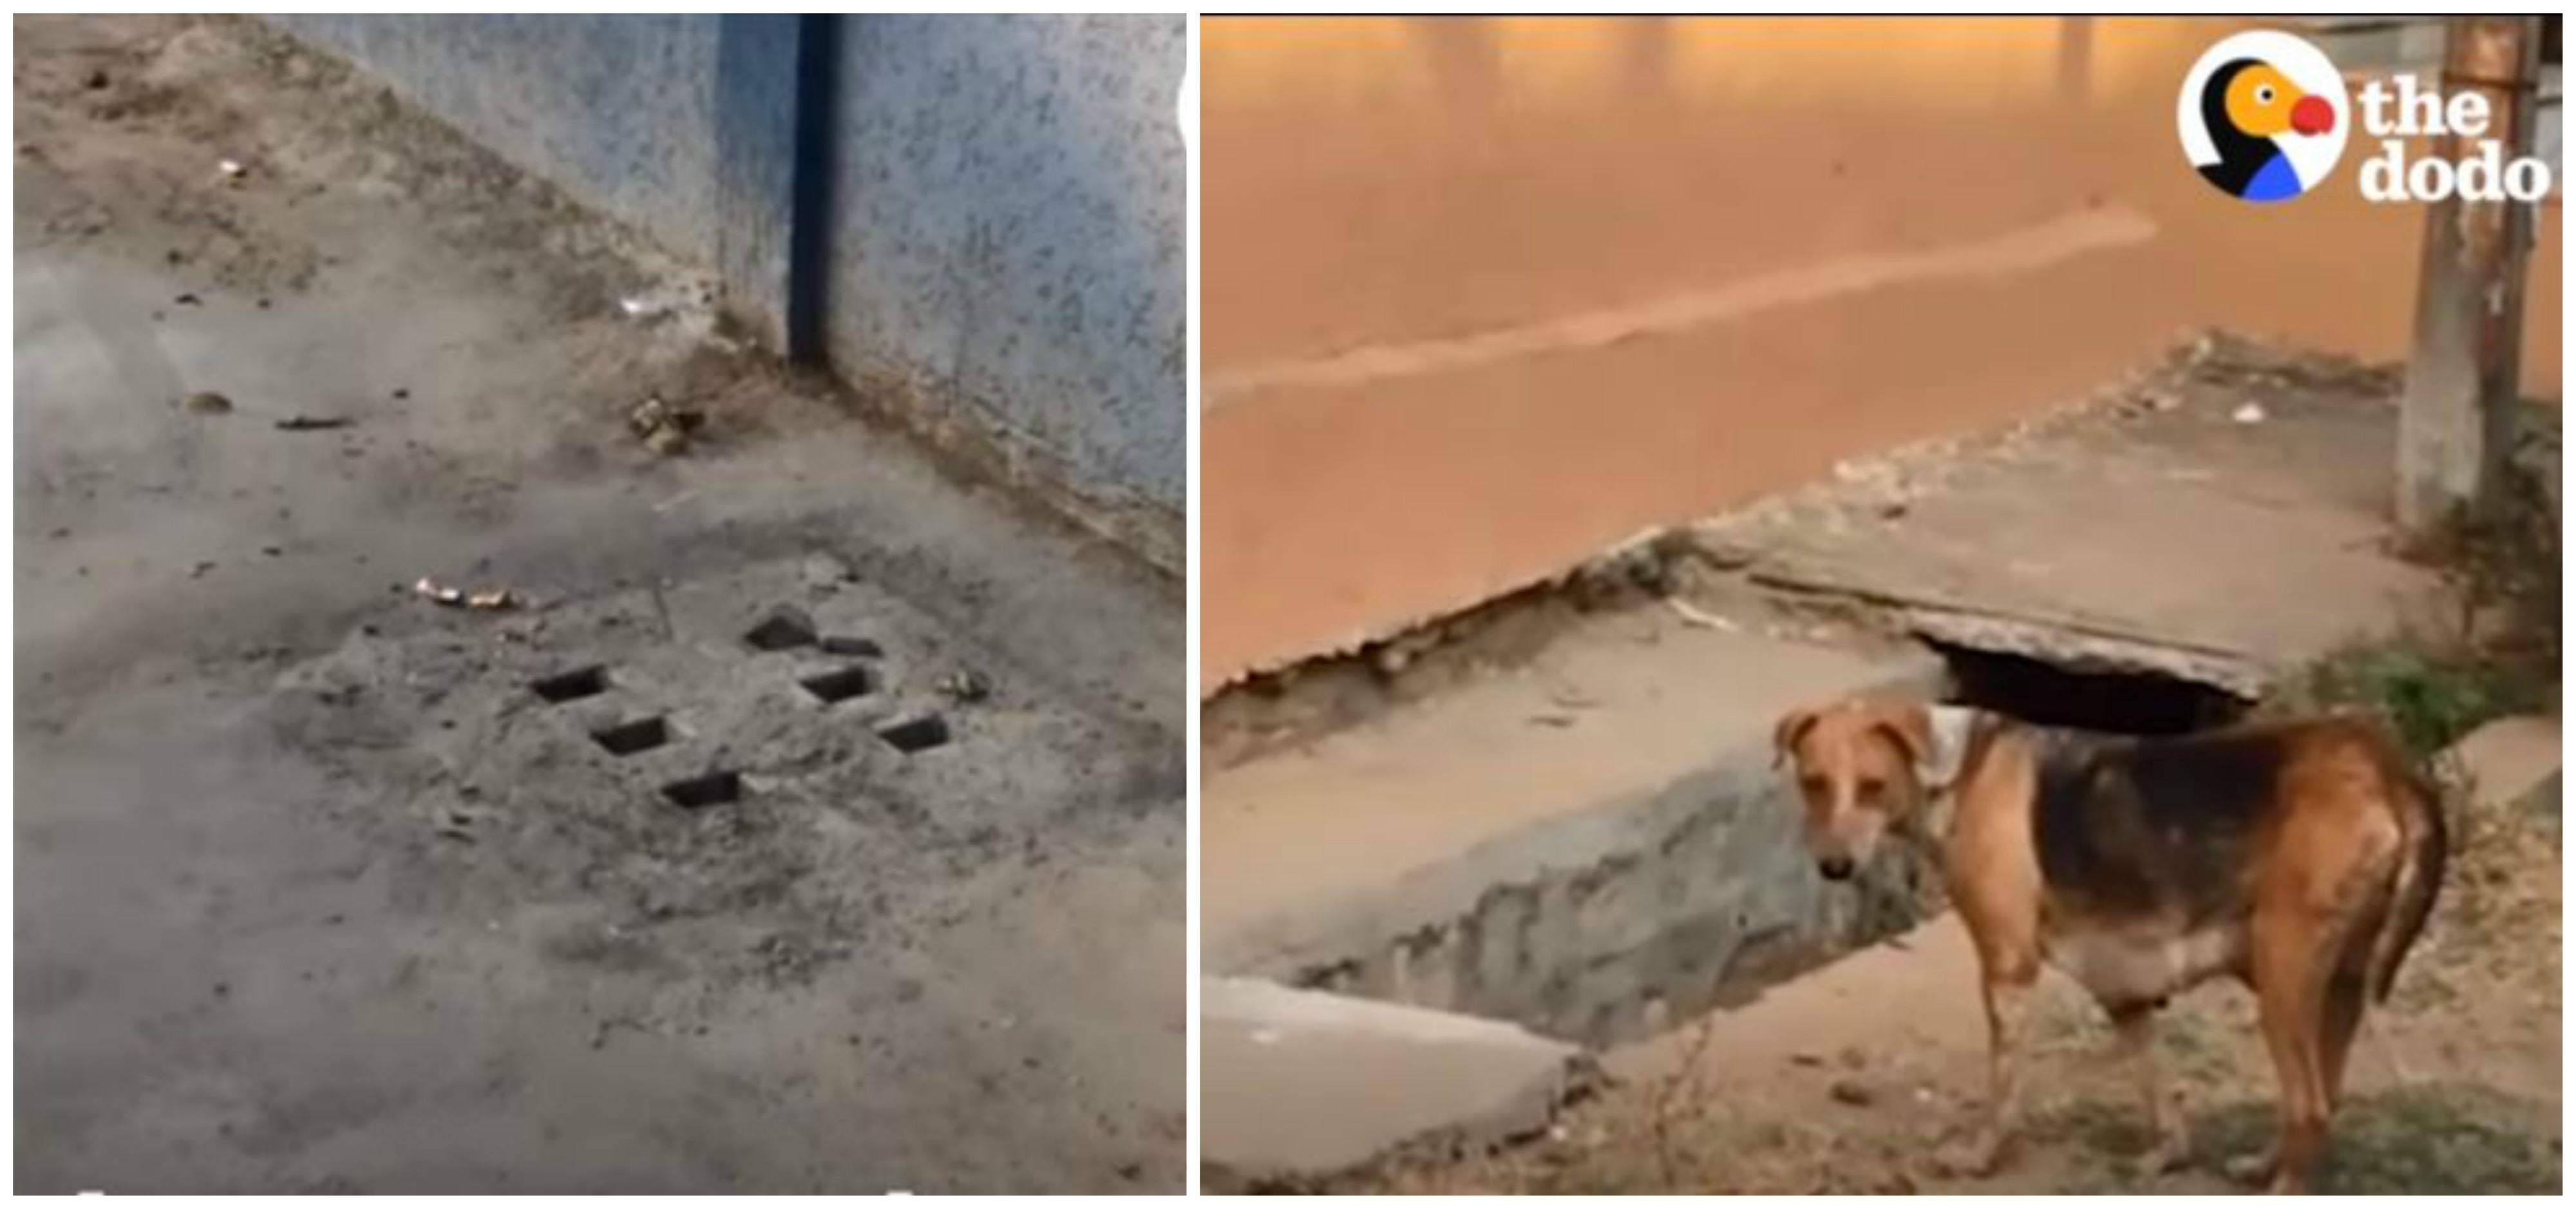 Странные звуки доносились из люка... А рядом беспокойно бегала собака - она знала, что надо спешить!